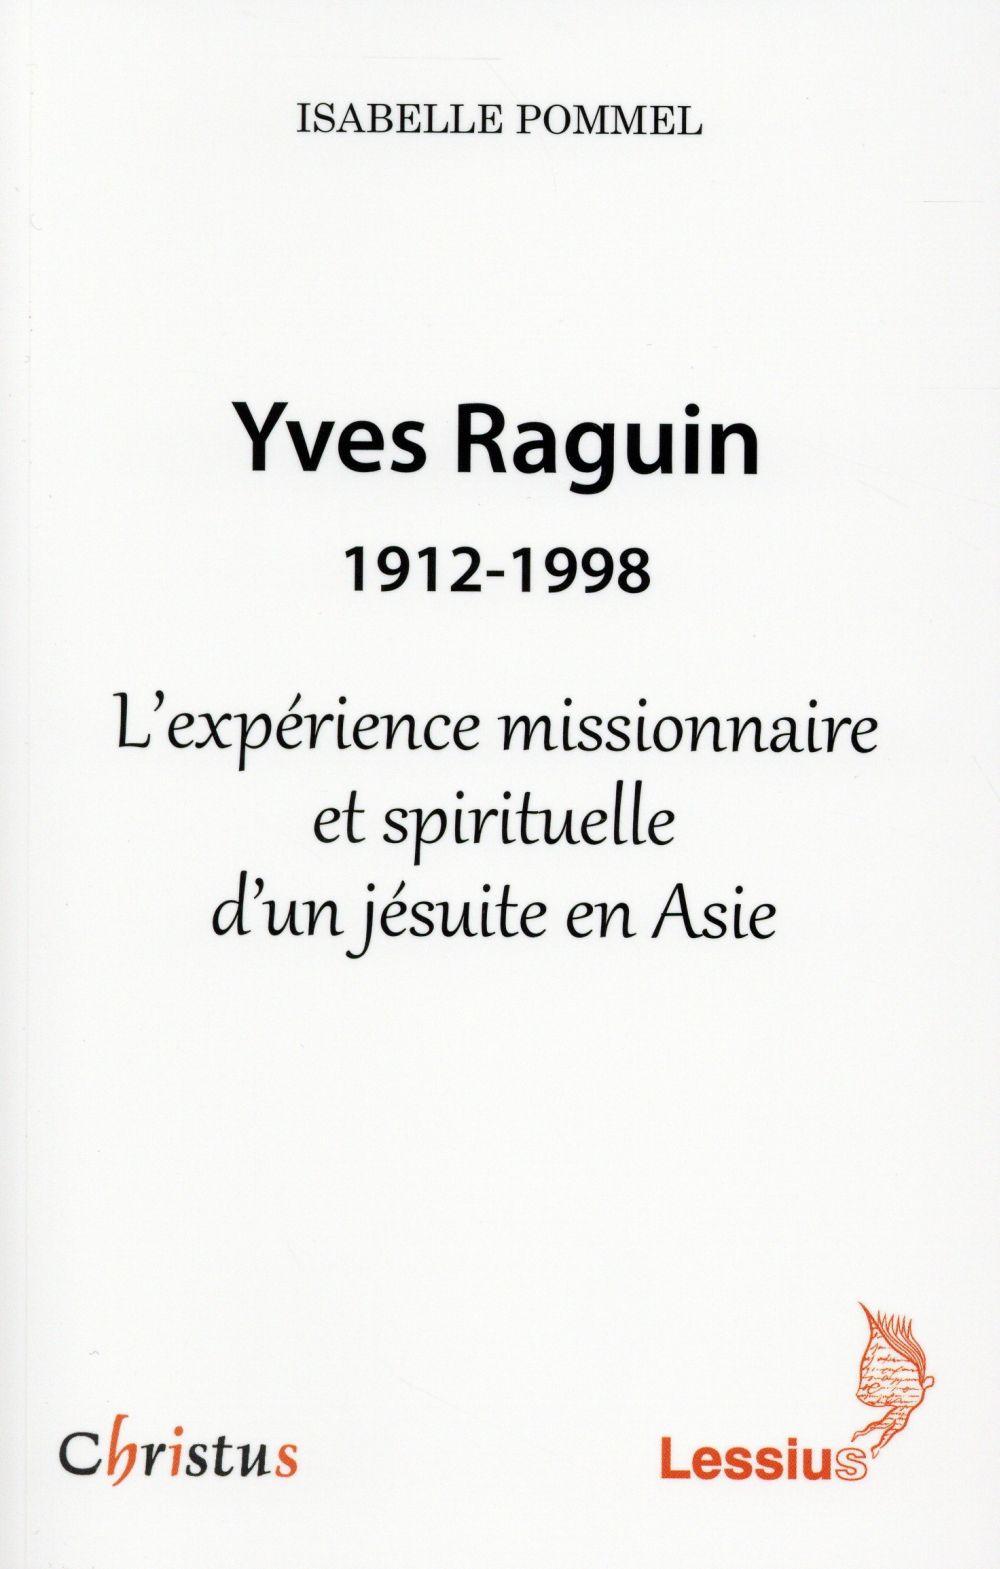 YVES RAGUIN 1912-1998 - L'EXPERIENCE MISSIONNAIRE ET SPIRITUELLE D'UN JESUITE EN ASIE